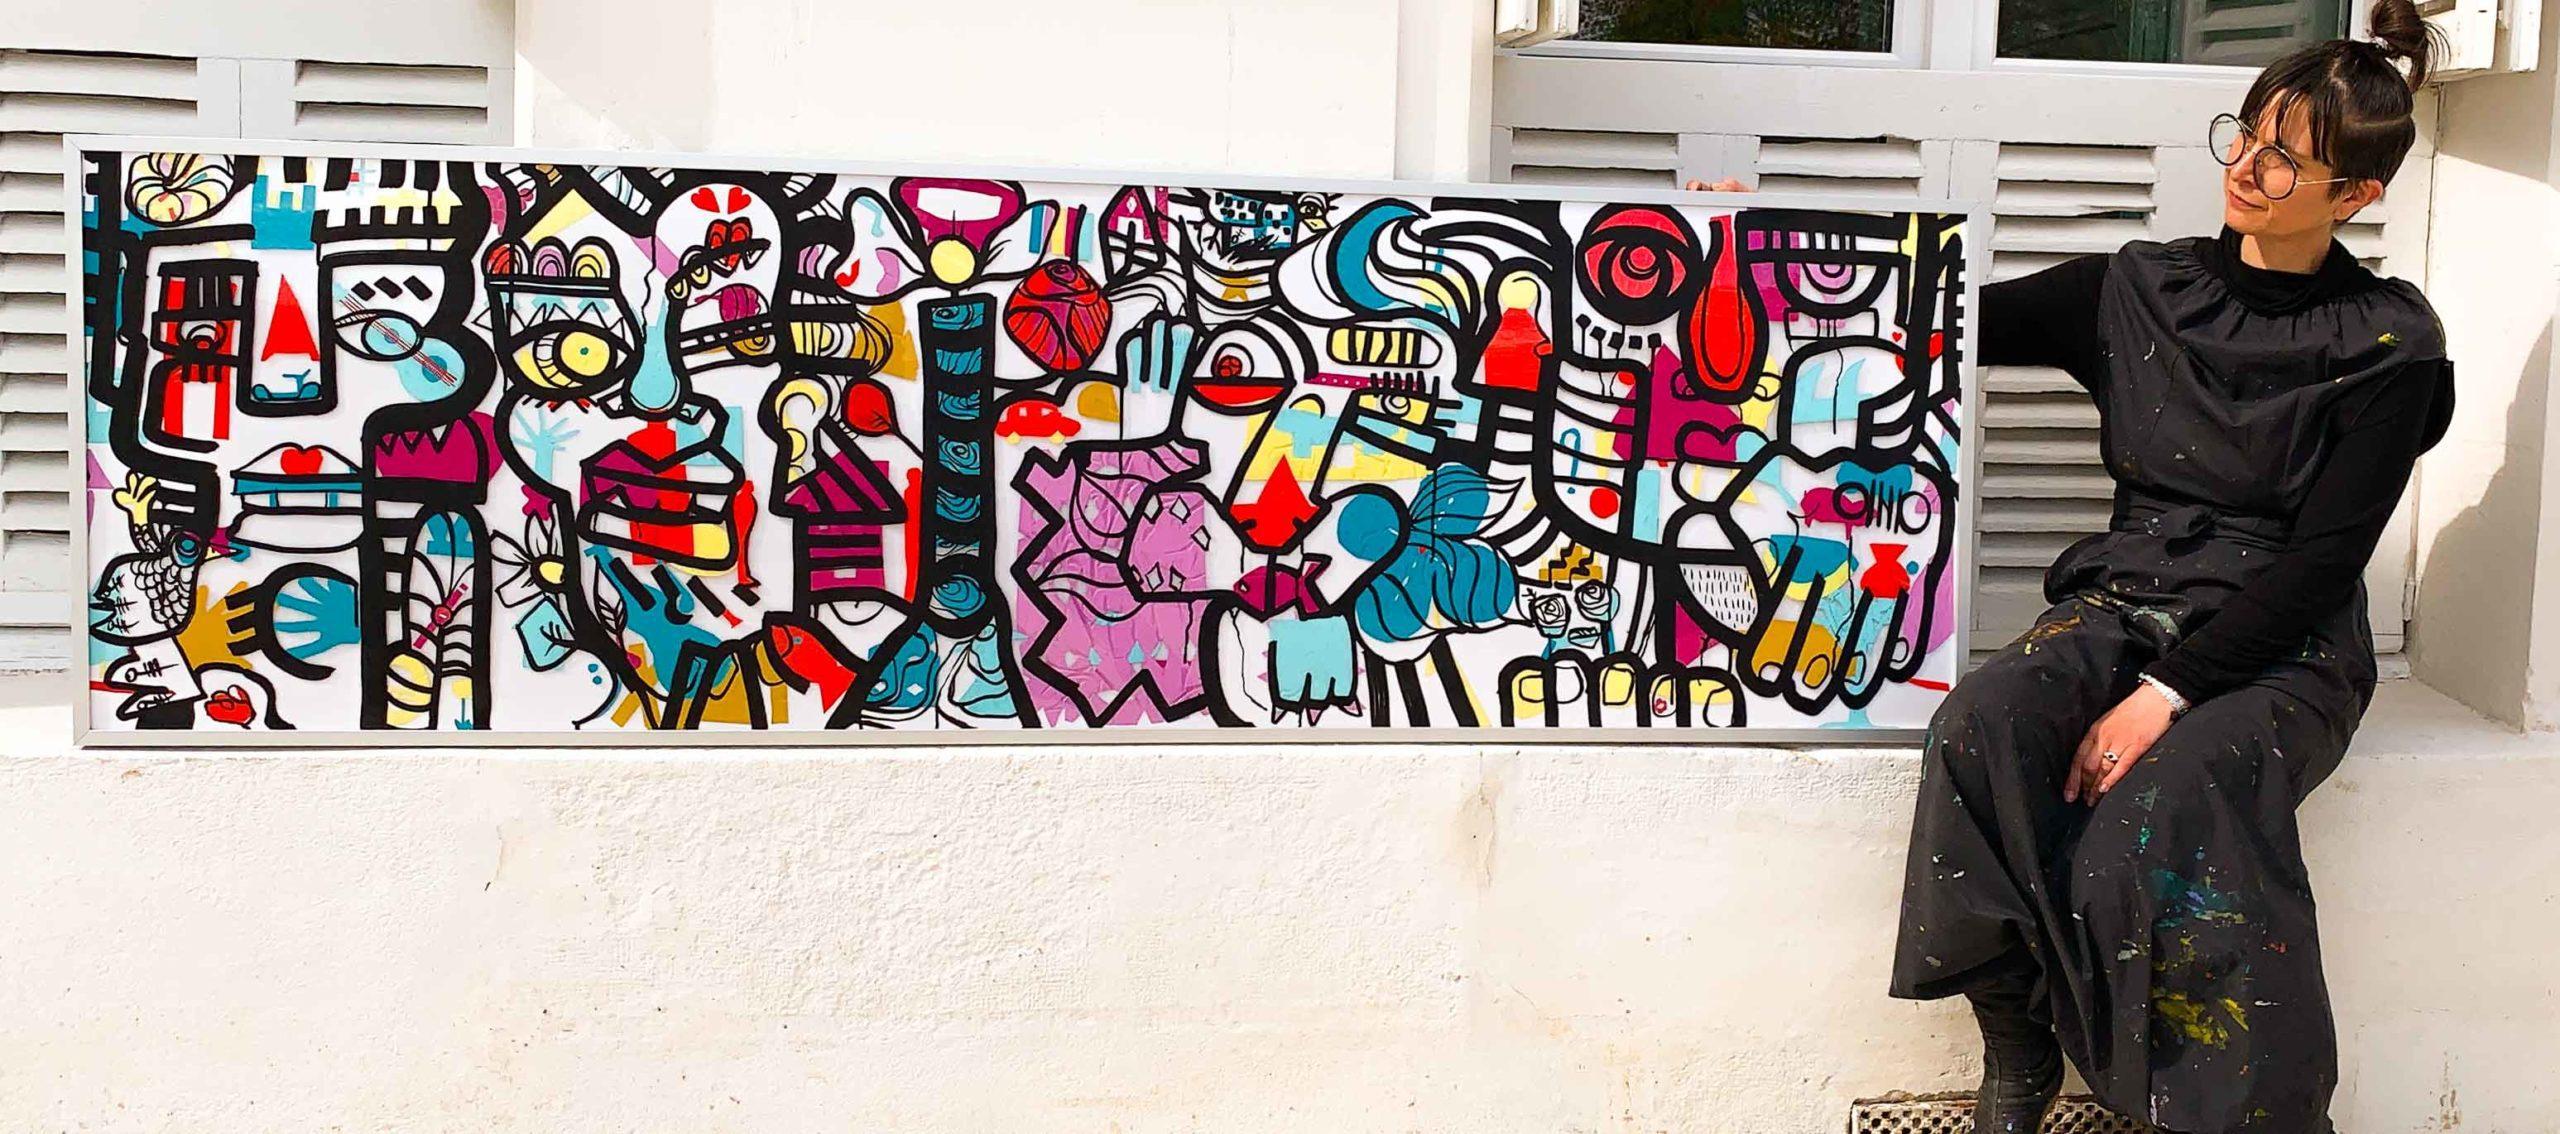 10 Idées Cadeaux Cagnotte Anniversaire - aNa artiste devant une œuvre collective encadrée peinte lors d'un team Building Tours